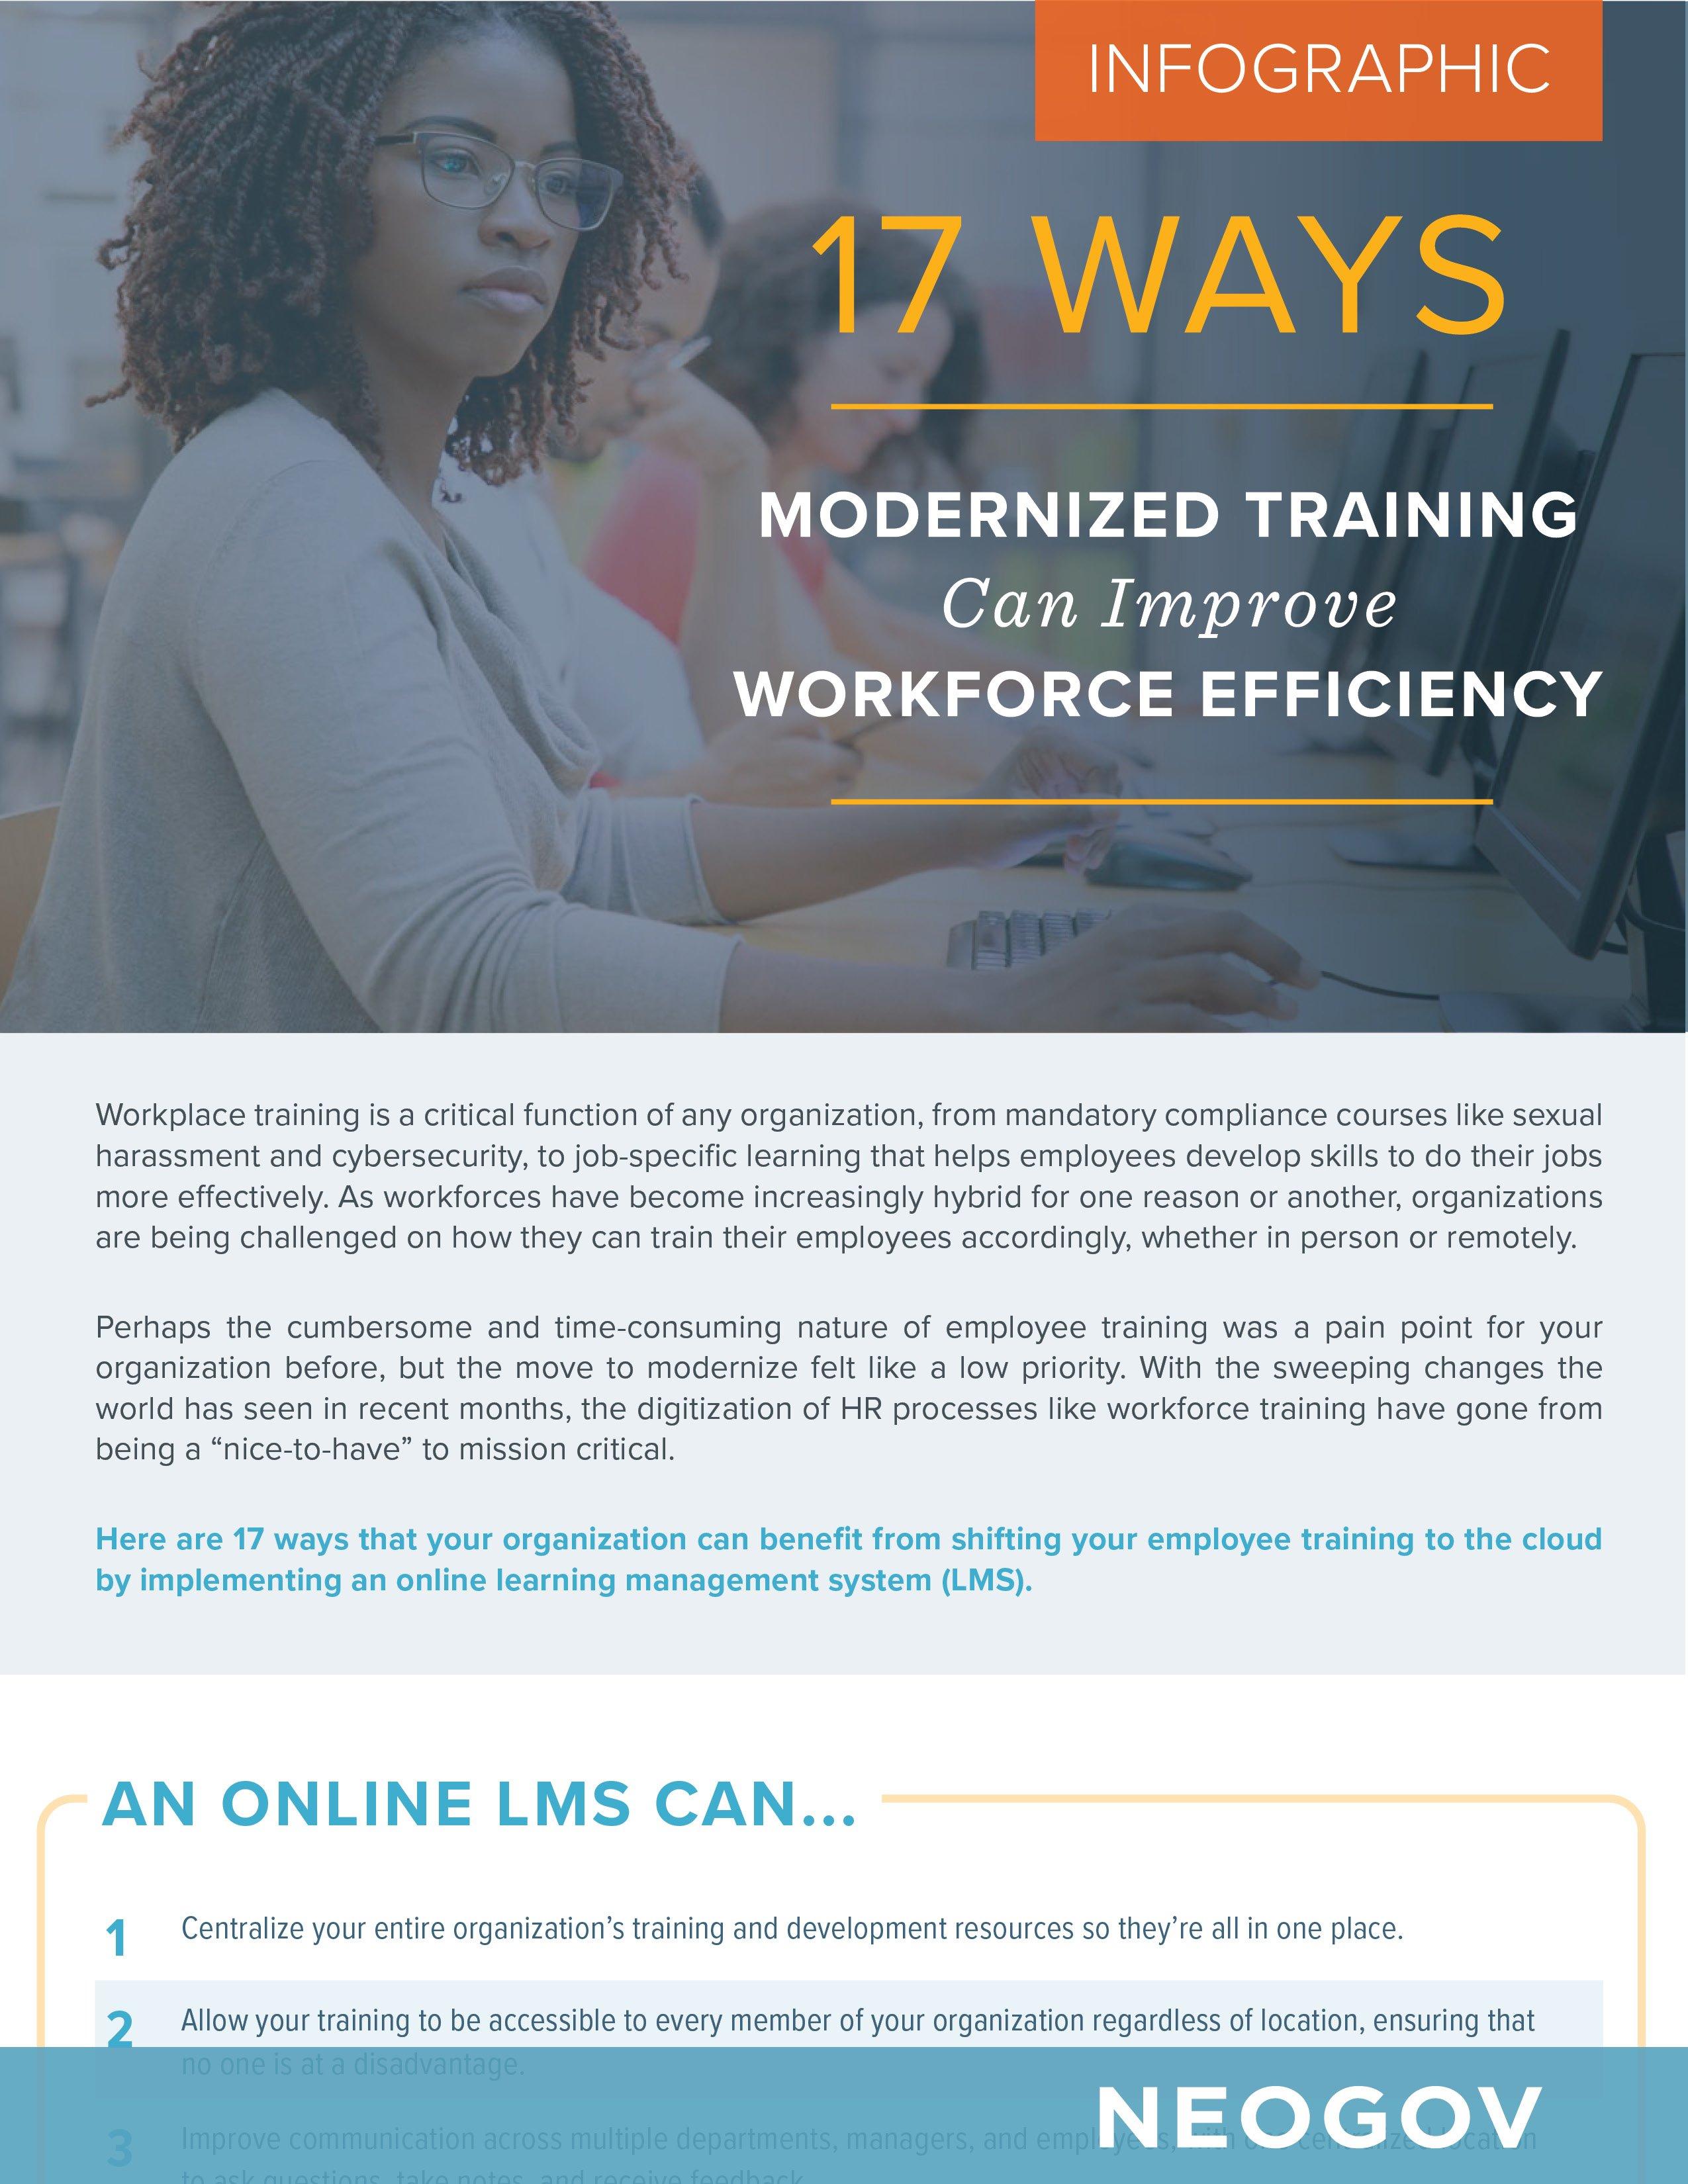 NGV-Infographic-17-ways-modernizedtraining